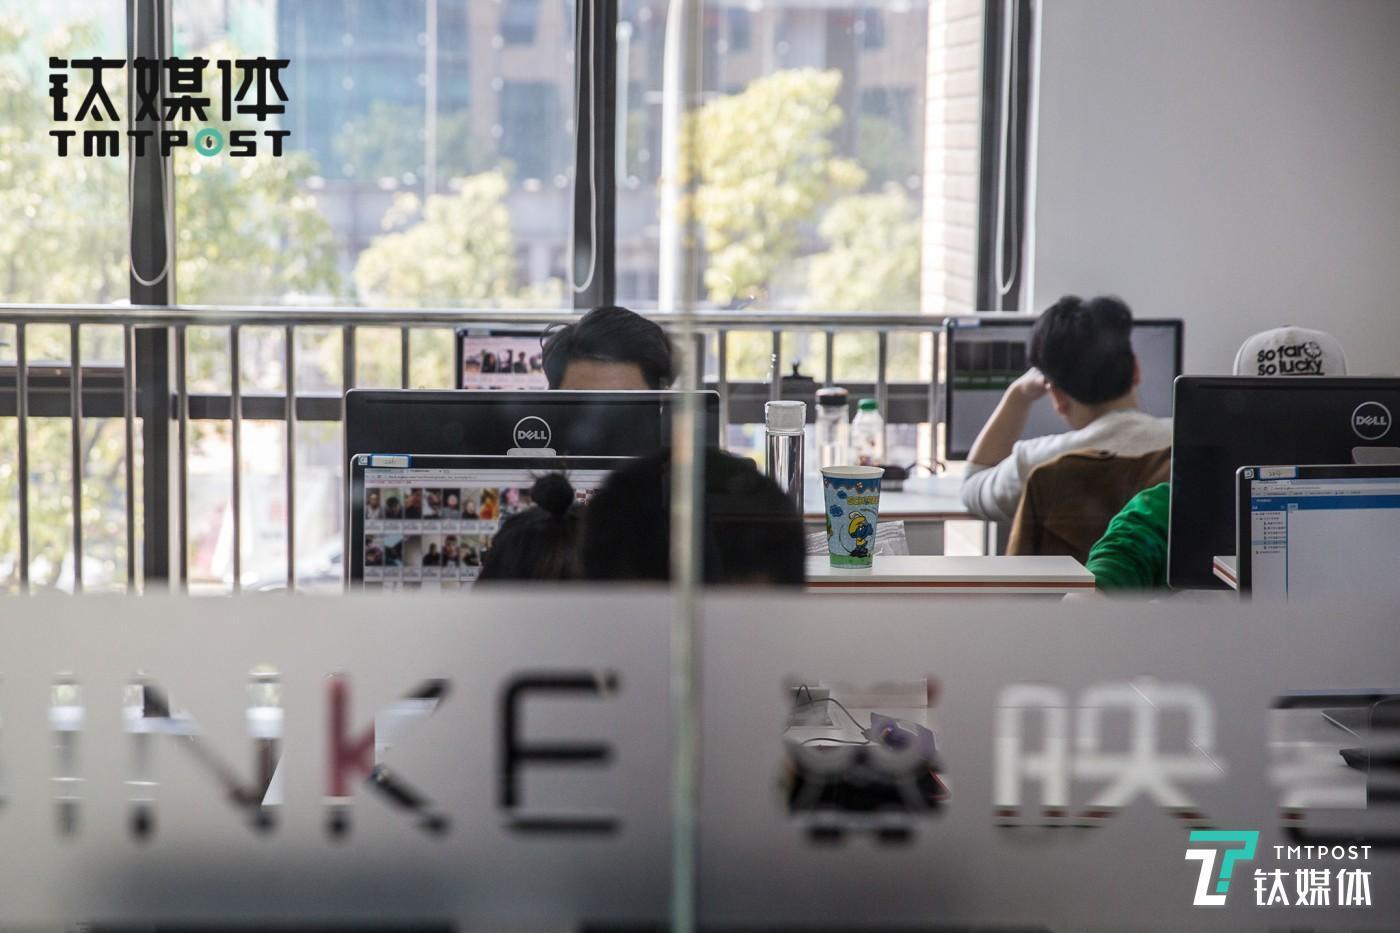 映客位于湖南长沙的内容审查中心